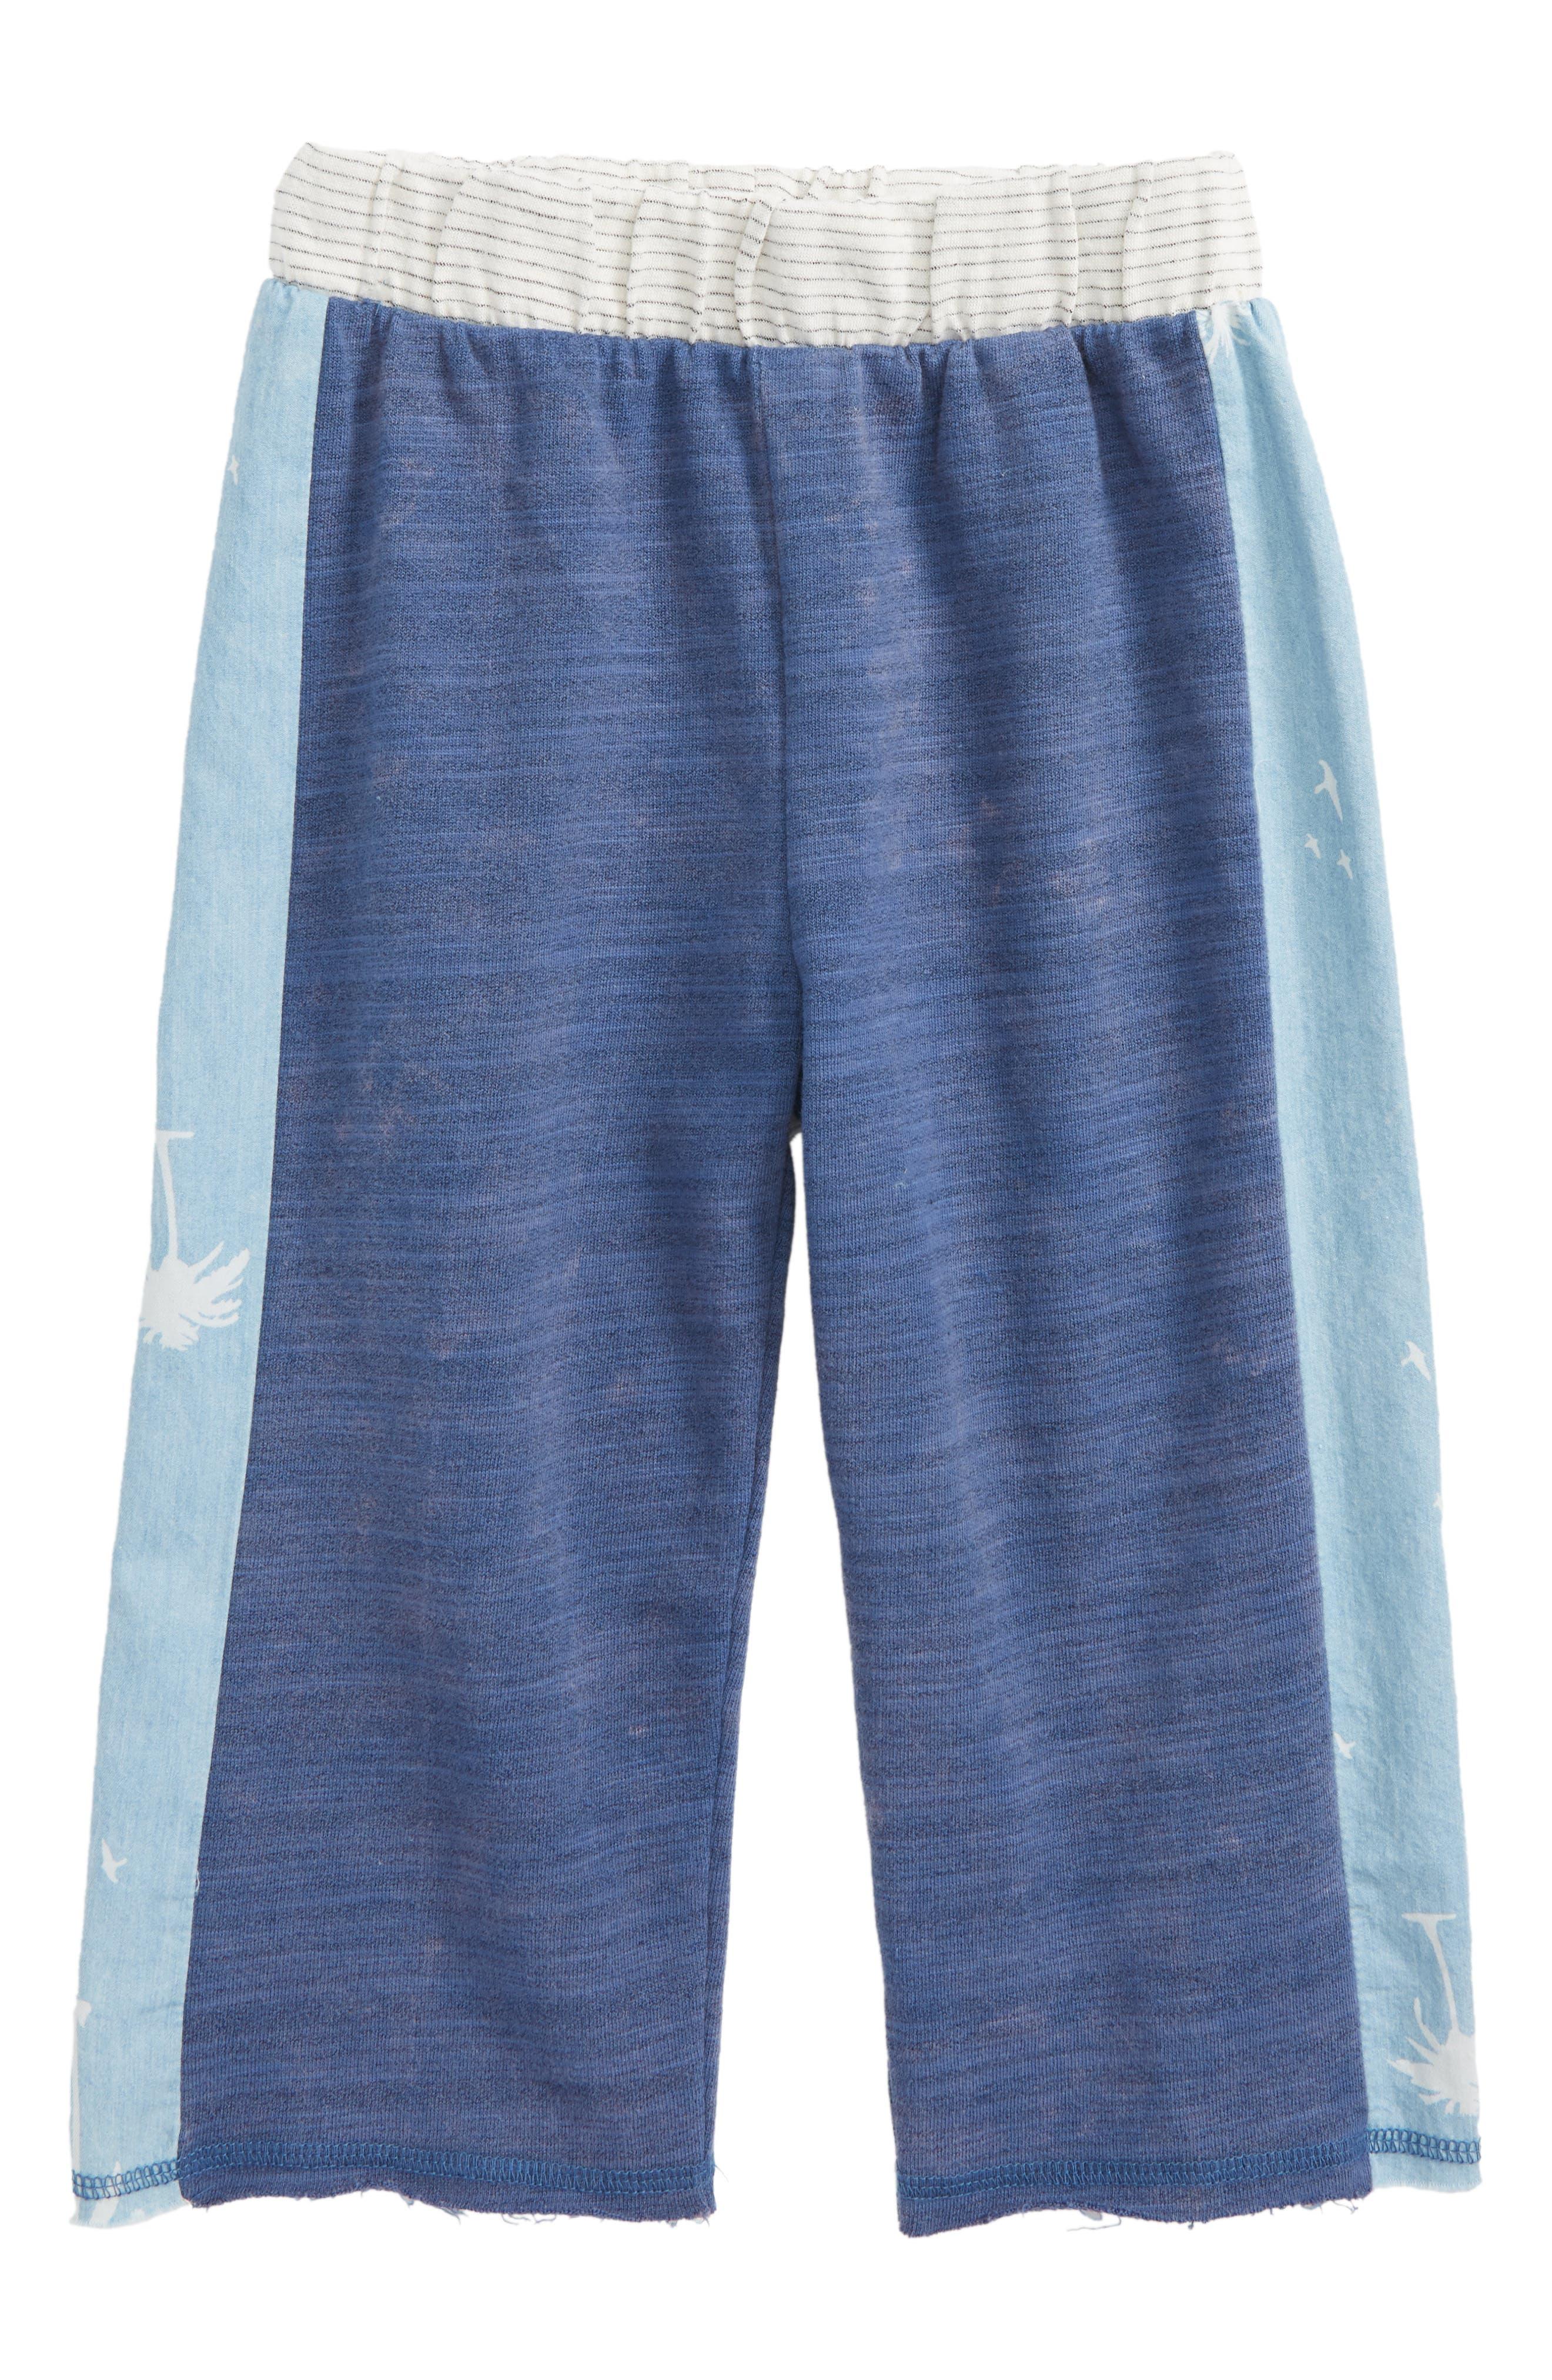 Teagan Shorts,                             Main thumbnail 1, color,                             Palisades